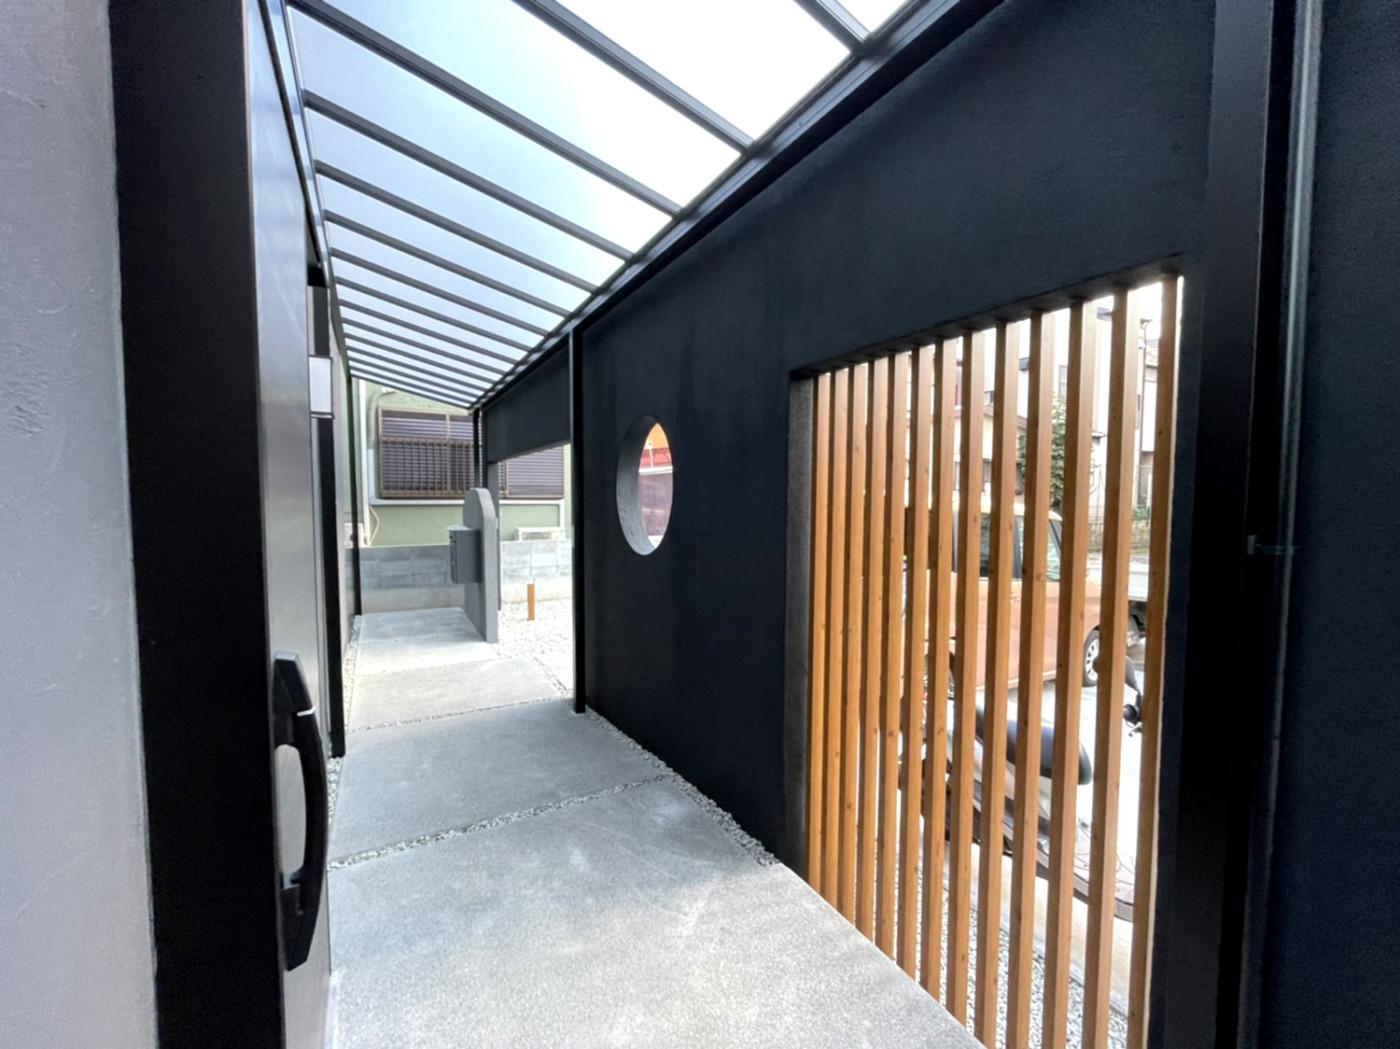 神奈川県 株式会社 琴美建設 グランドアートウォール施工イメージ3647_05